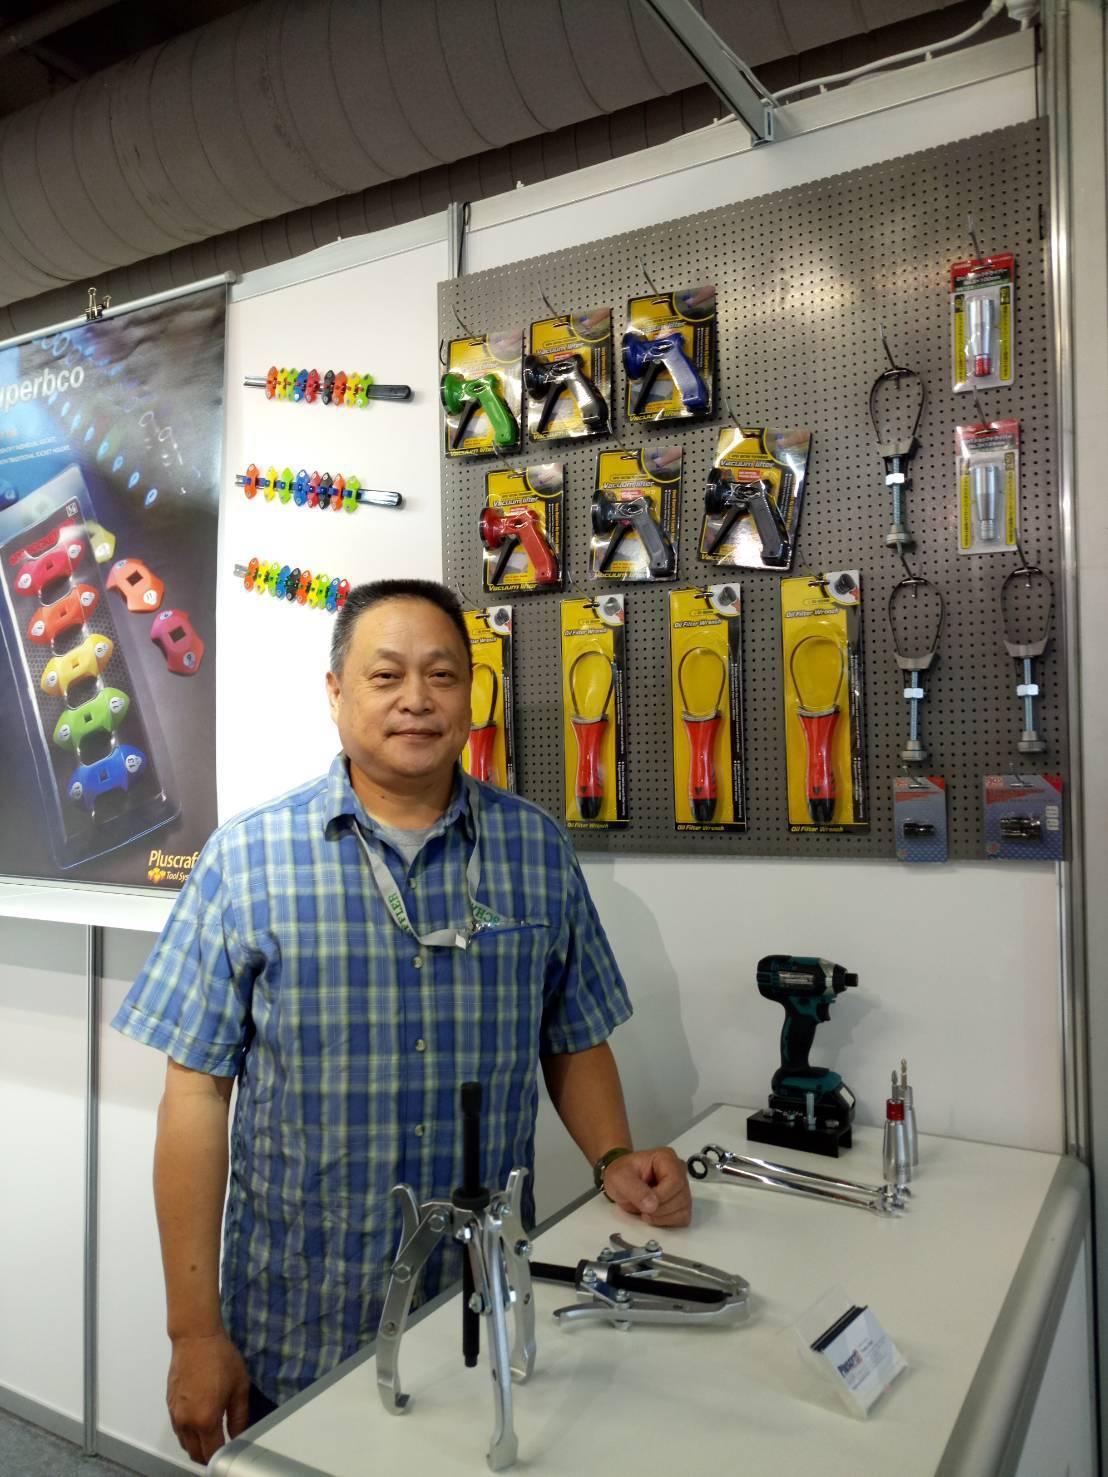 鑫爵實業總經理陳俯郎表示,今年新推出產品,國外買家反應良好。 郭芳伶/攝影